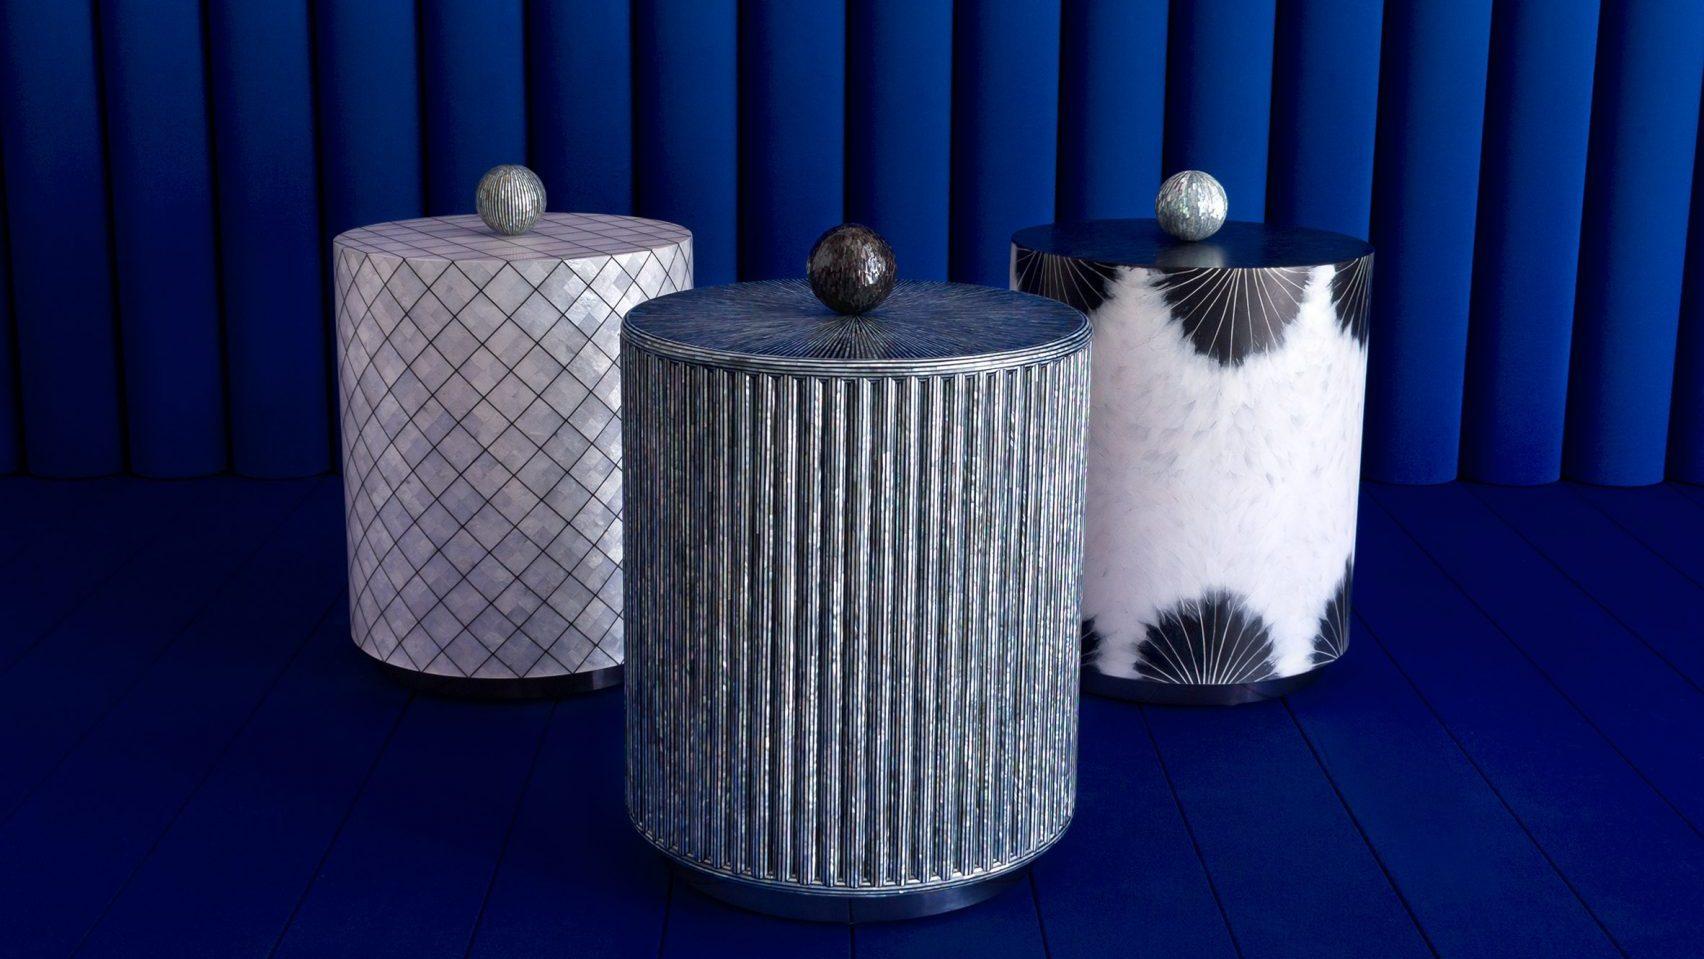 Taburetes grises, blancos y negros hechos de concha